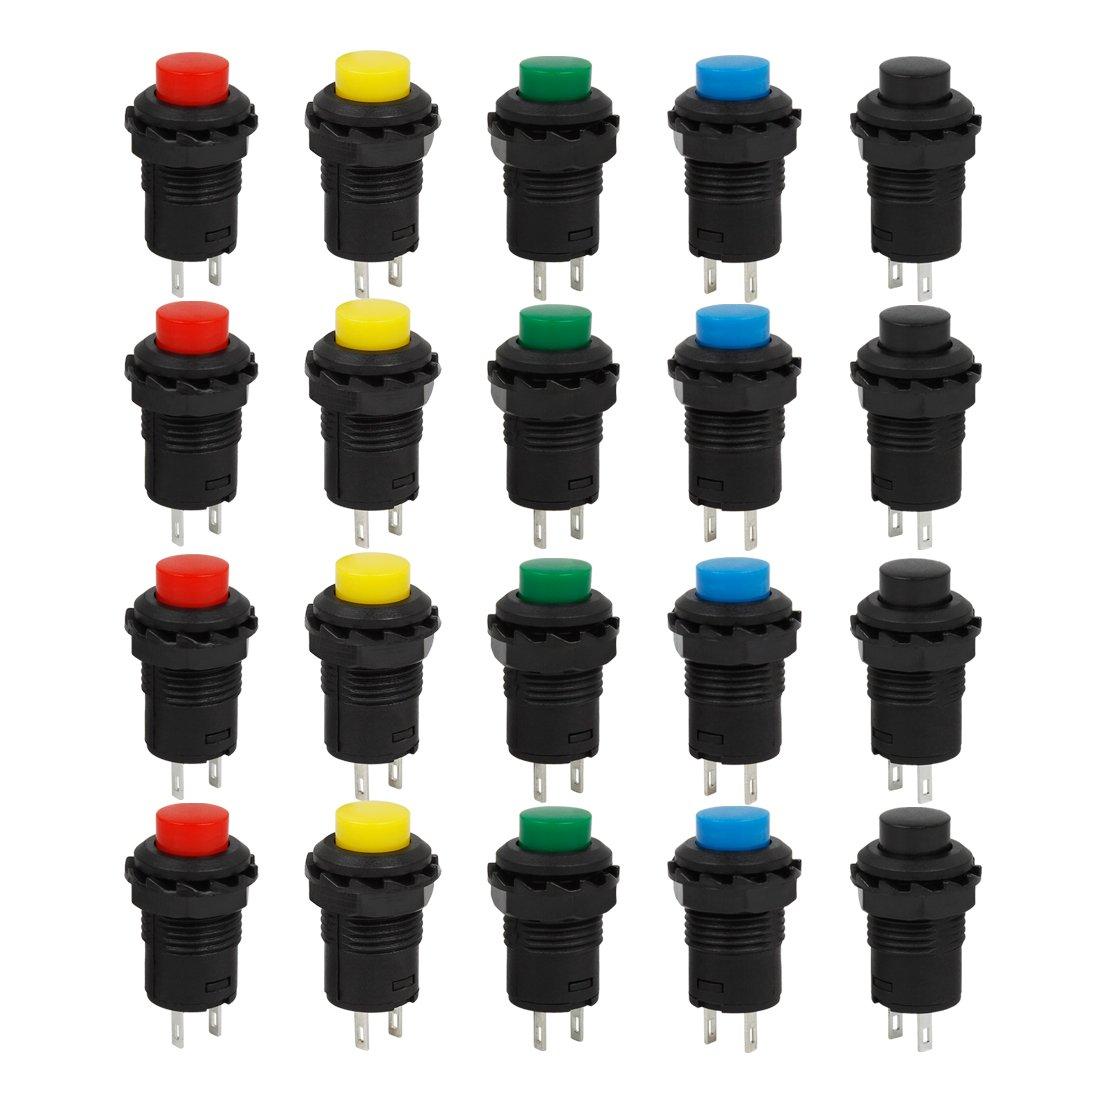 Larcele 20x 12mm Interruptor de Botón Pestillo de Plástico Bricolaje Mini Interruptores ANKG-03 (5 Colores): Amazon.es: Coche y moto